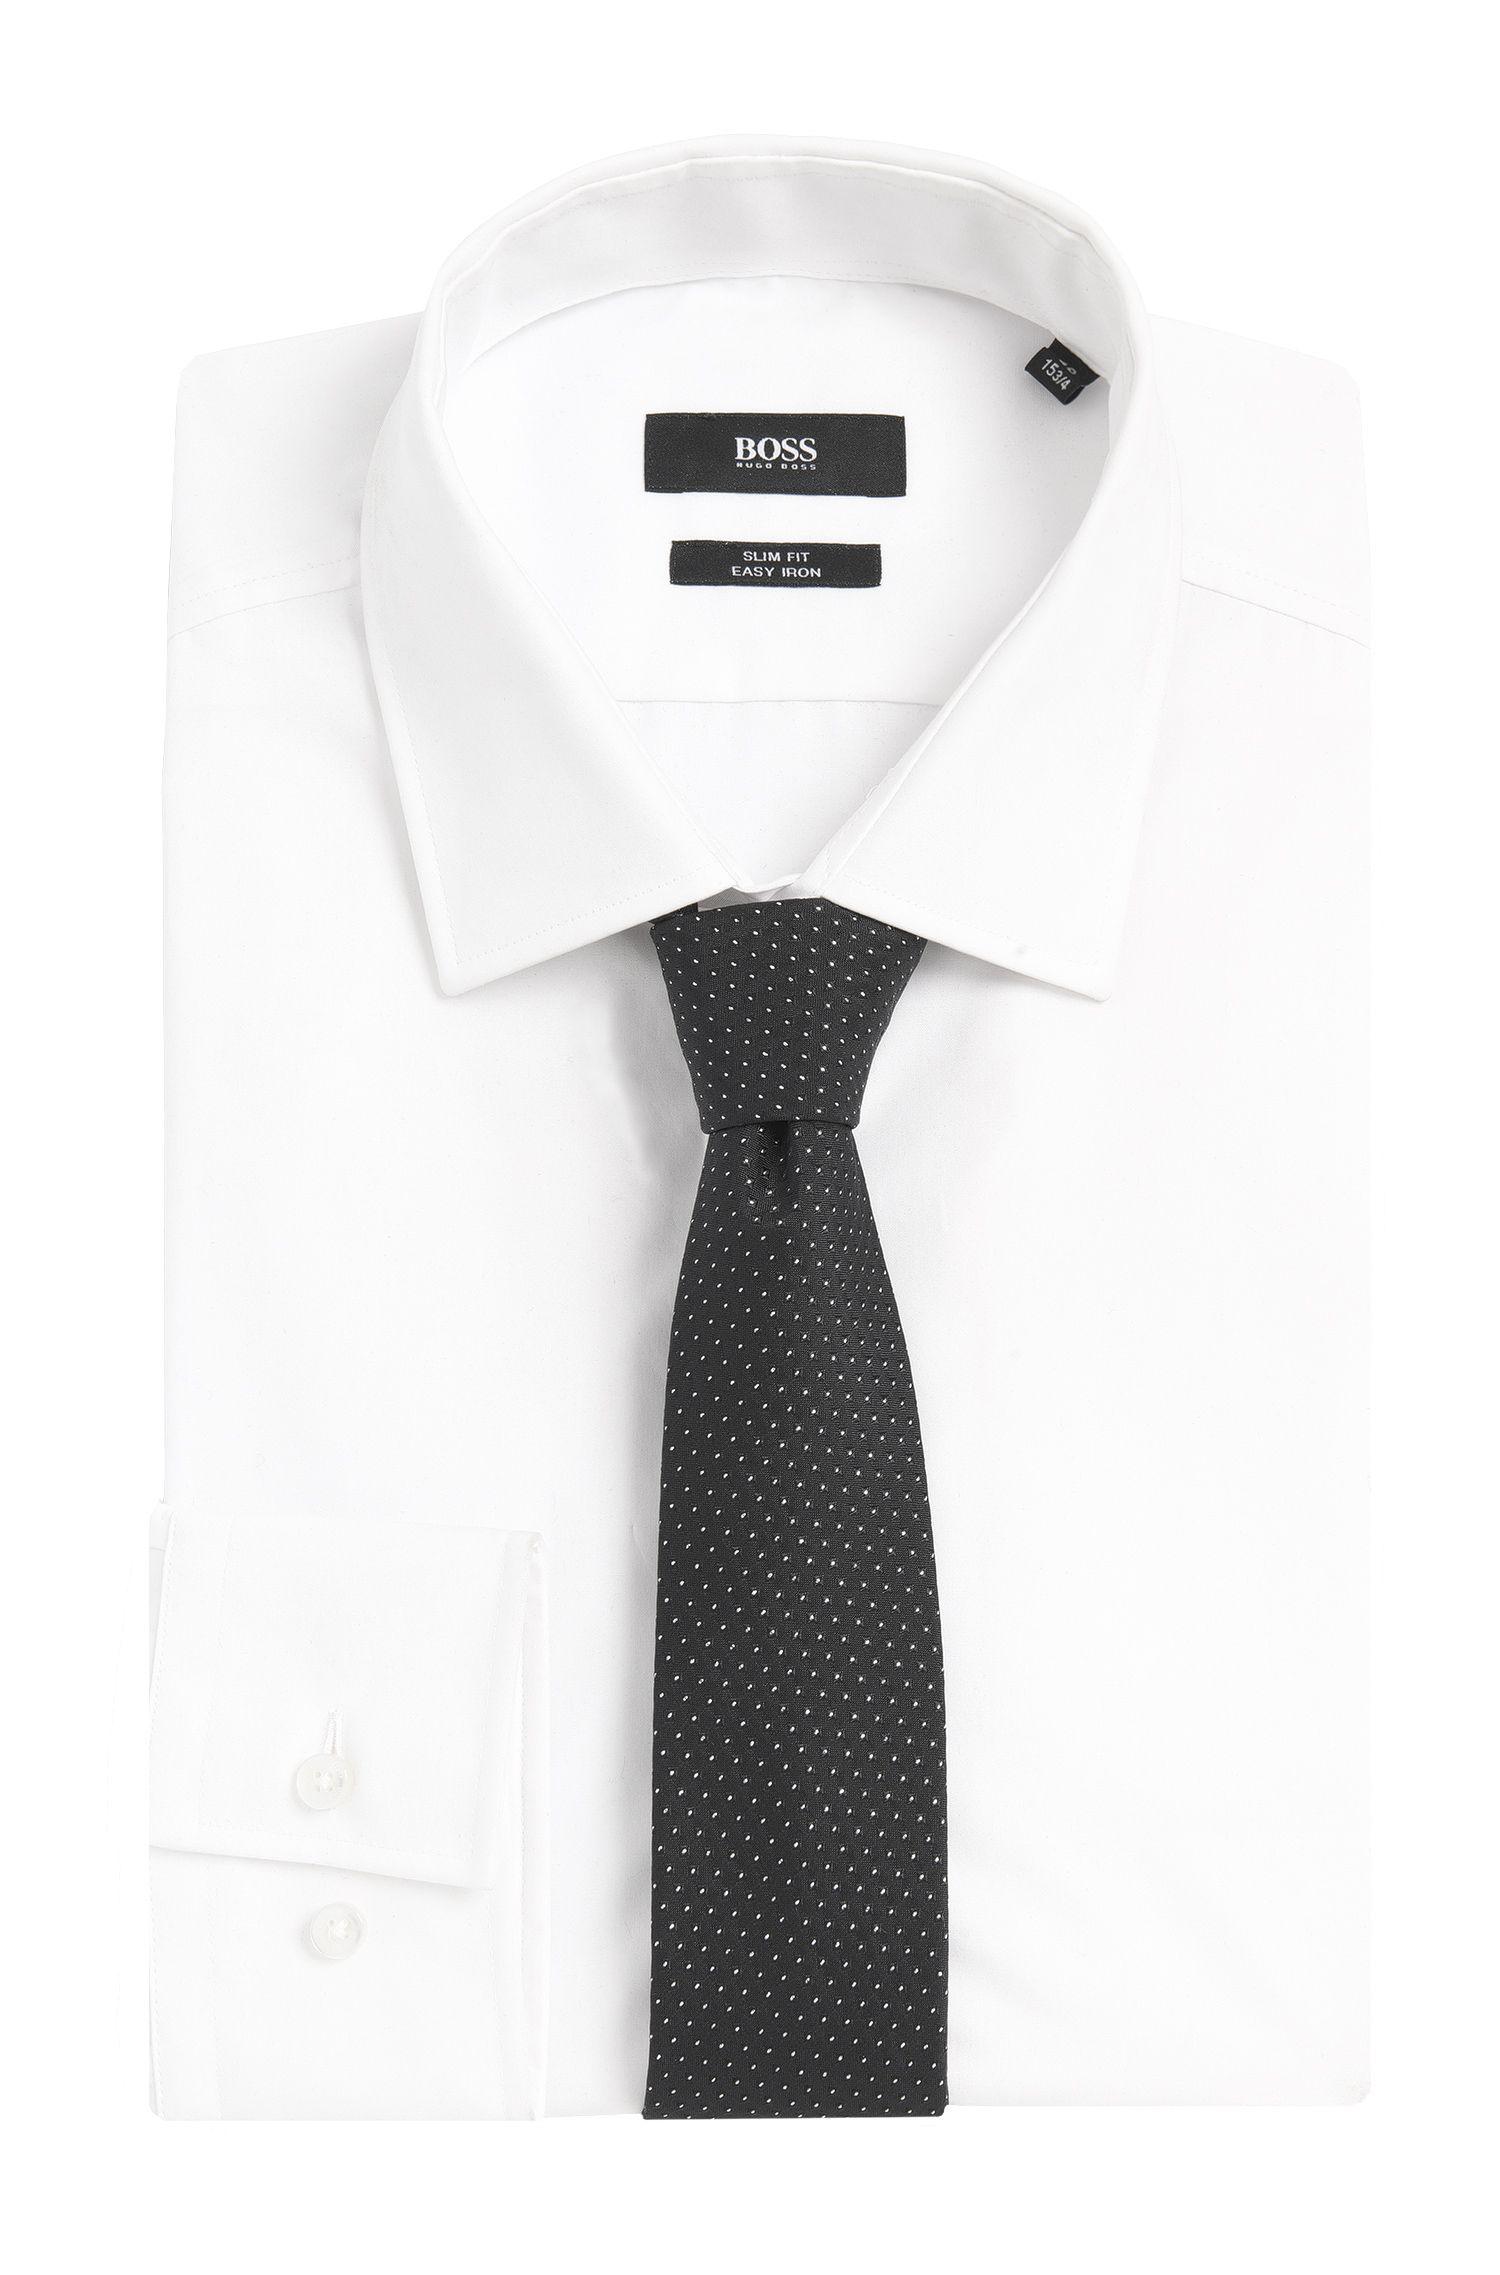 Cravate BOSS en soie mélangée à pois: «Tie6cm»